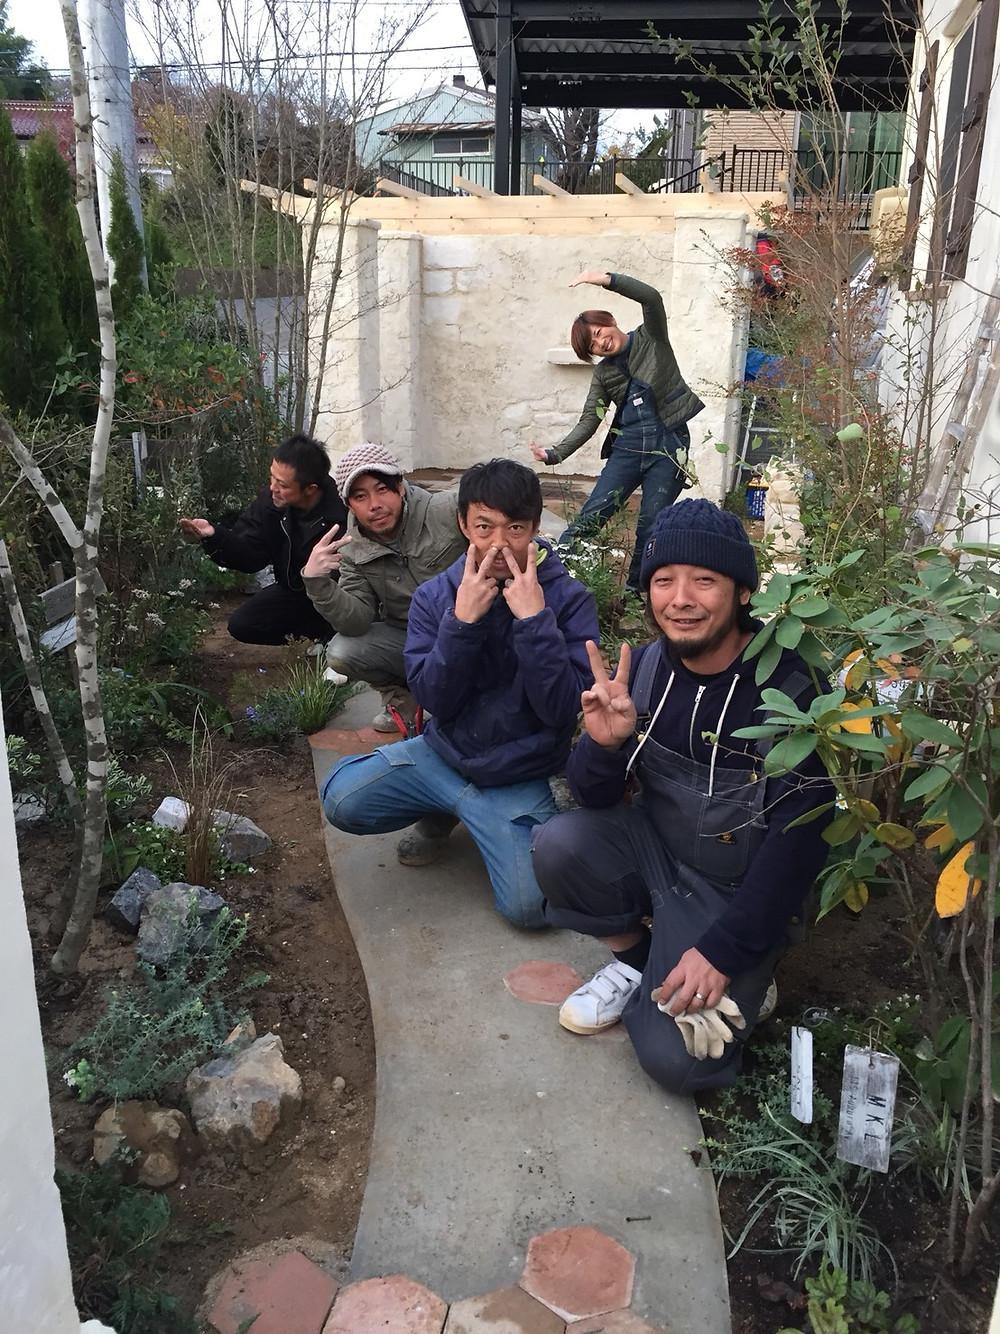 グリーンスタイル 植栽デザイン 庭師 アンドリュー造園 コパンデガーデン